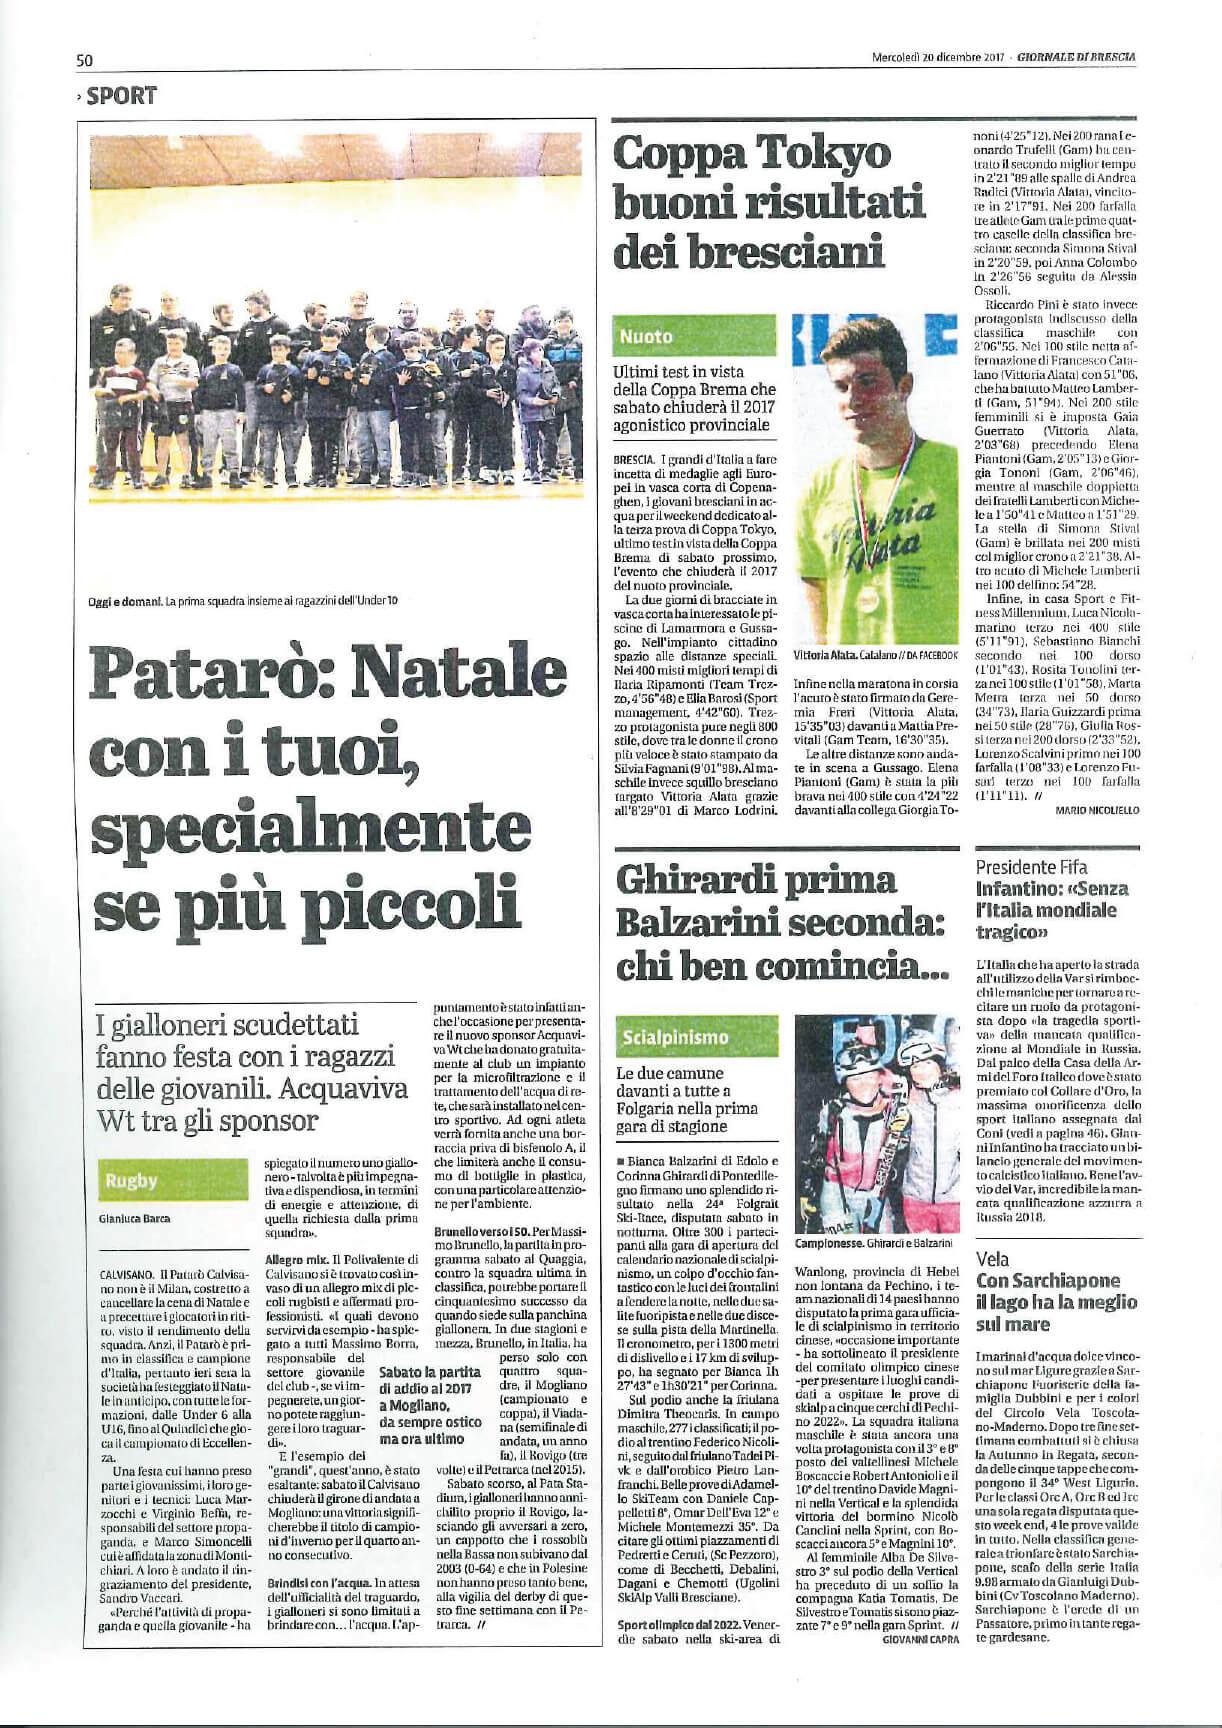 Articolo Giornale Rugby Calvisano